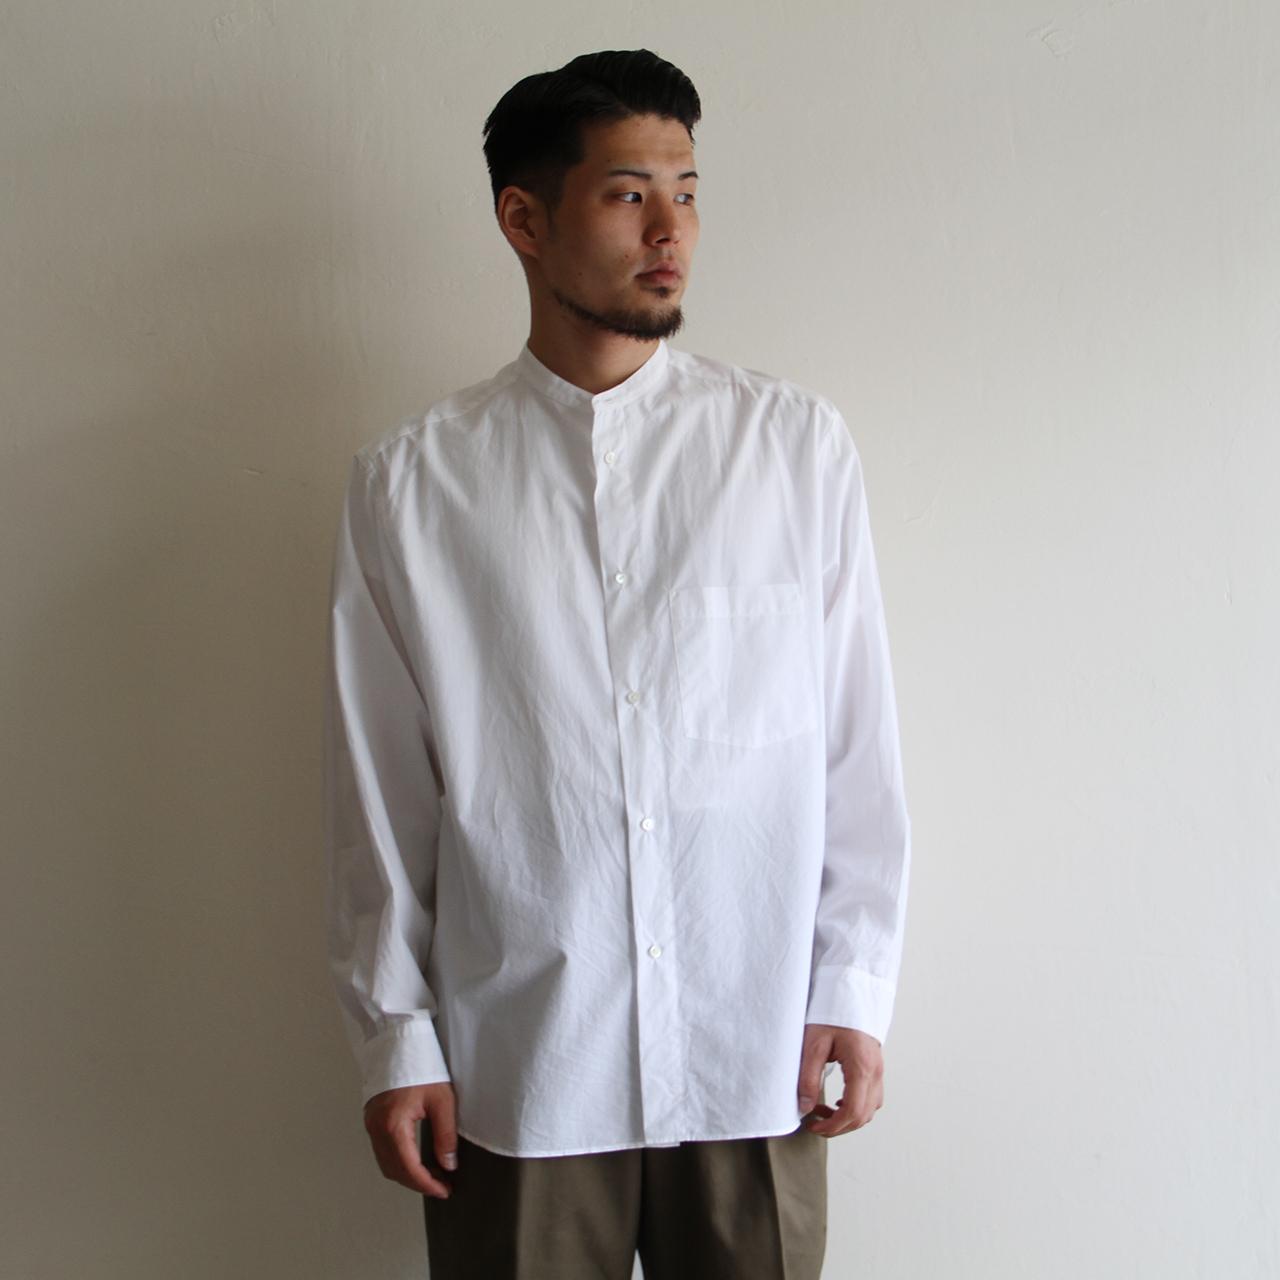 STILL BY HAND【mens】 band-collar shirts